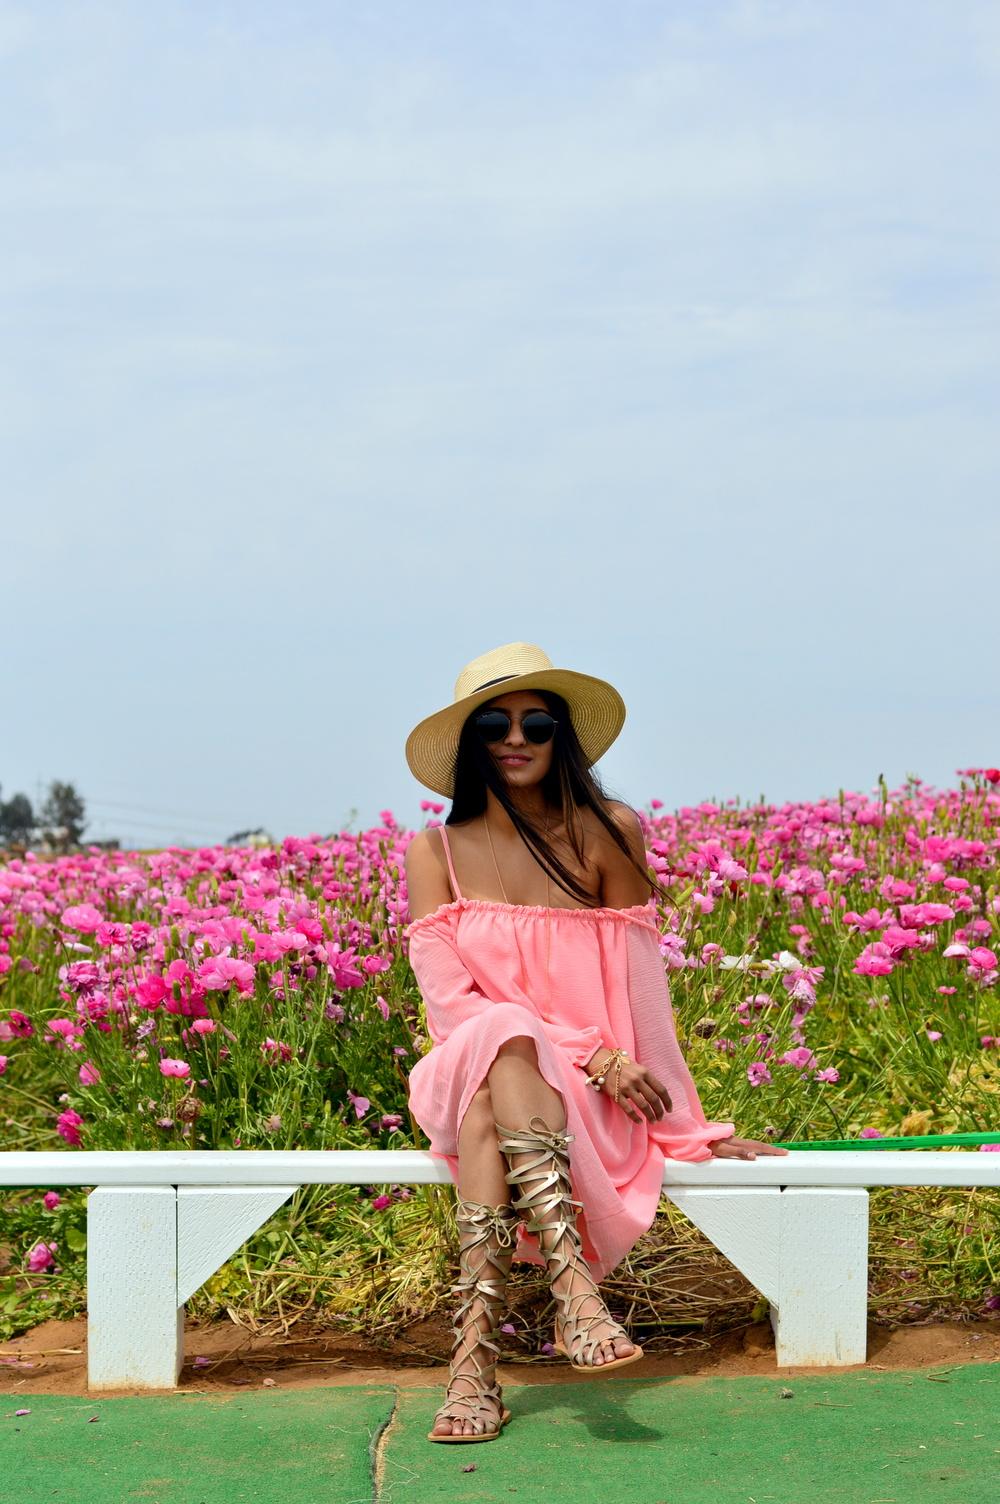 off-shoulder-dress-boho-festival-style-flower-fields